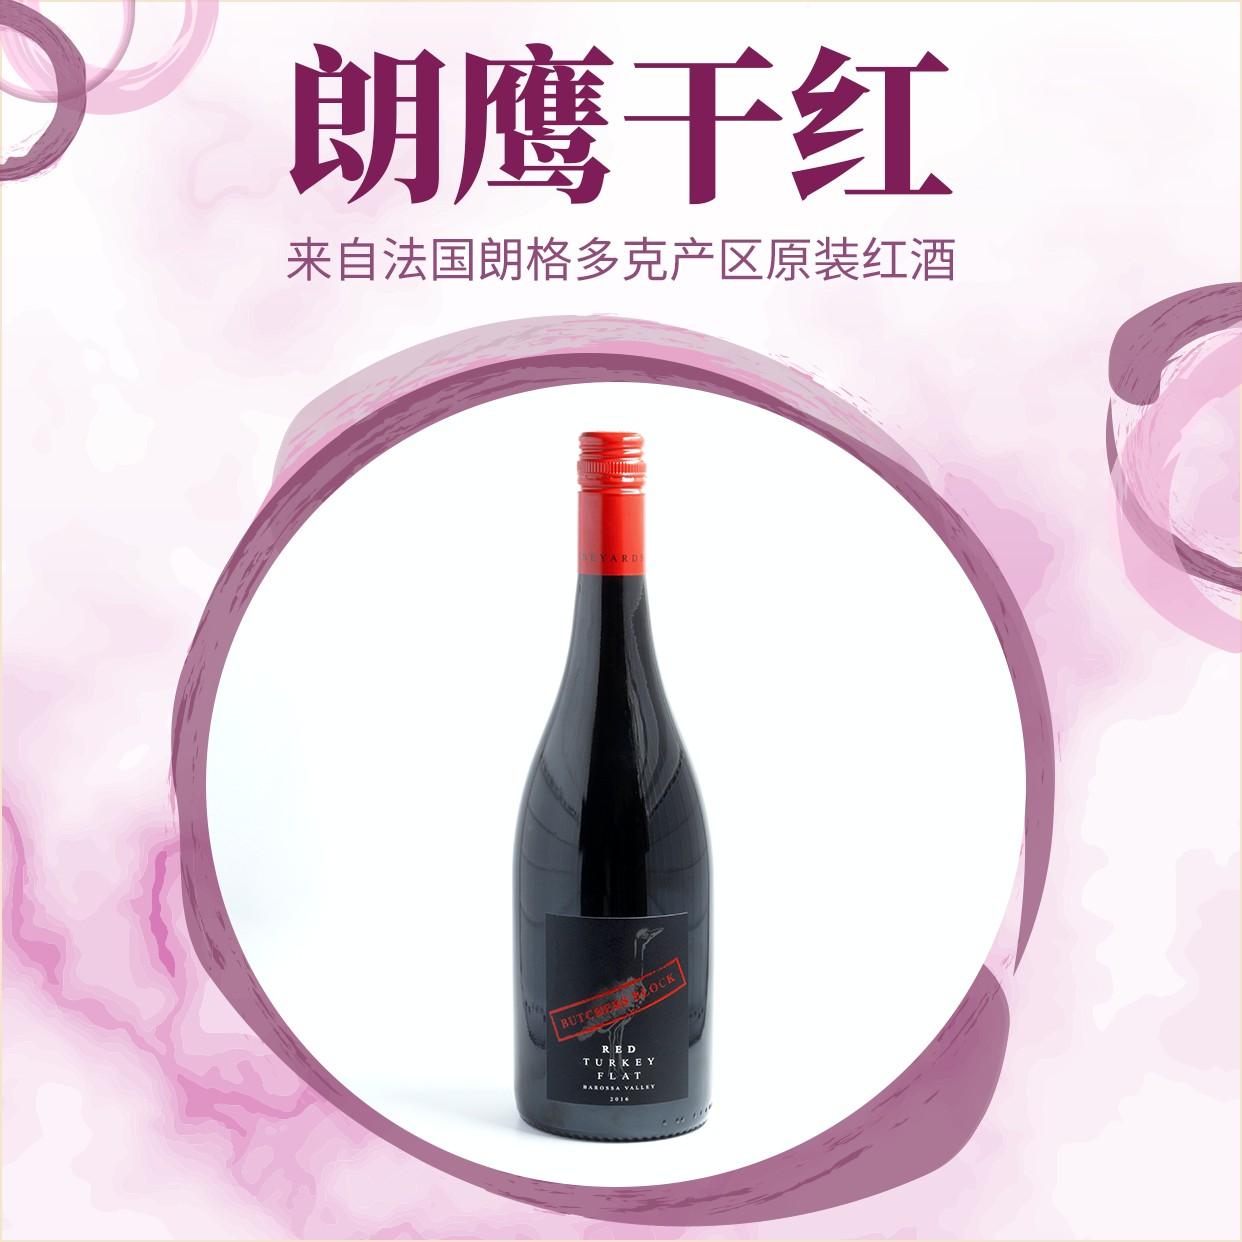 时尚餐饮美食红酒方形海报